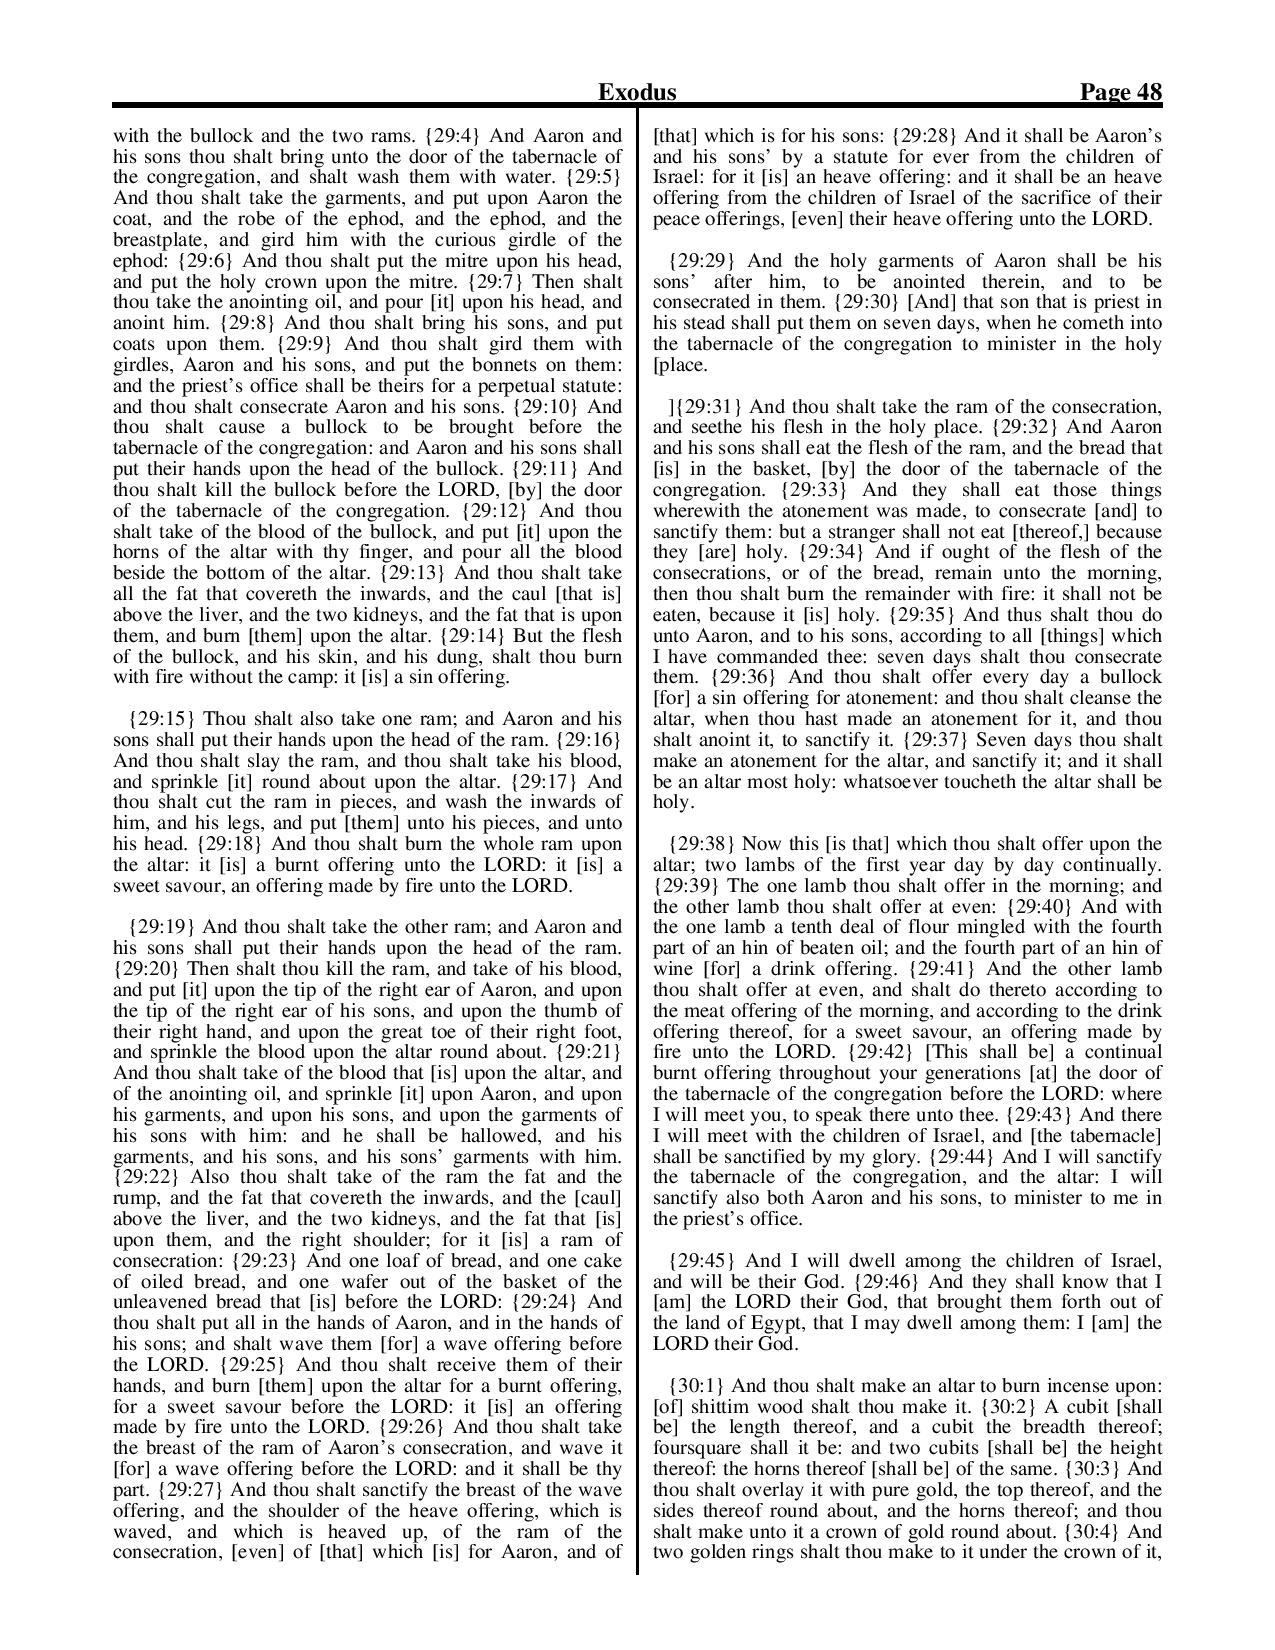 King-James-Bible-KJV-Bible-PDF-page-069